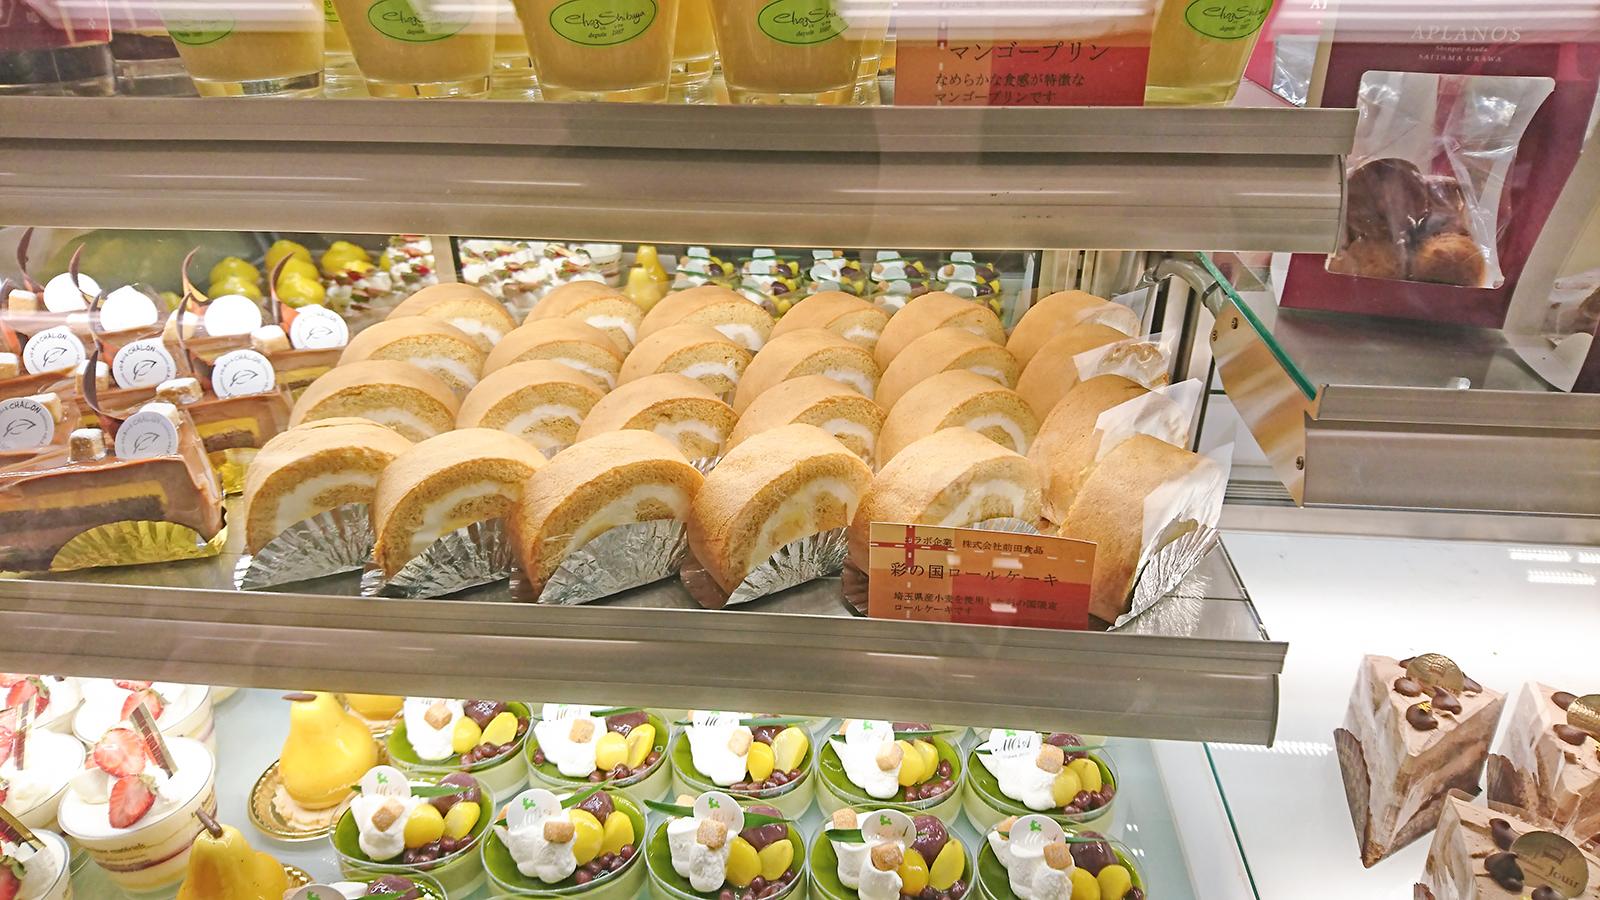 【イベント】彩の国ケーキショー 出展画像